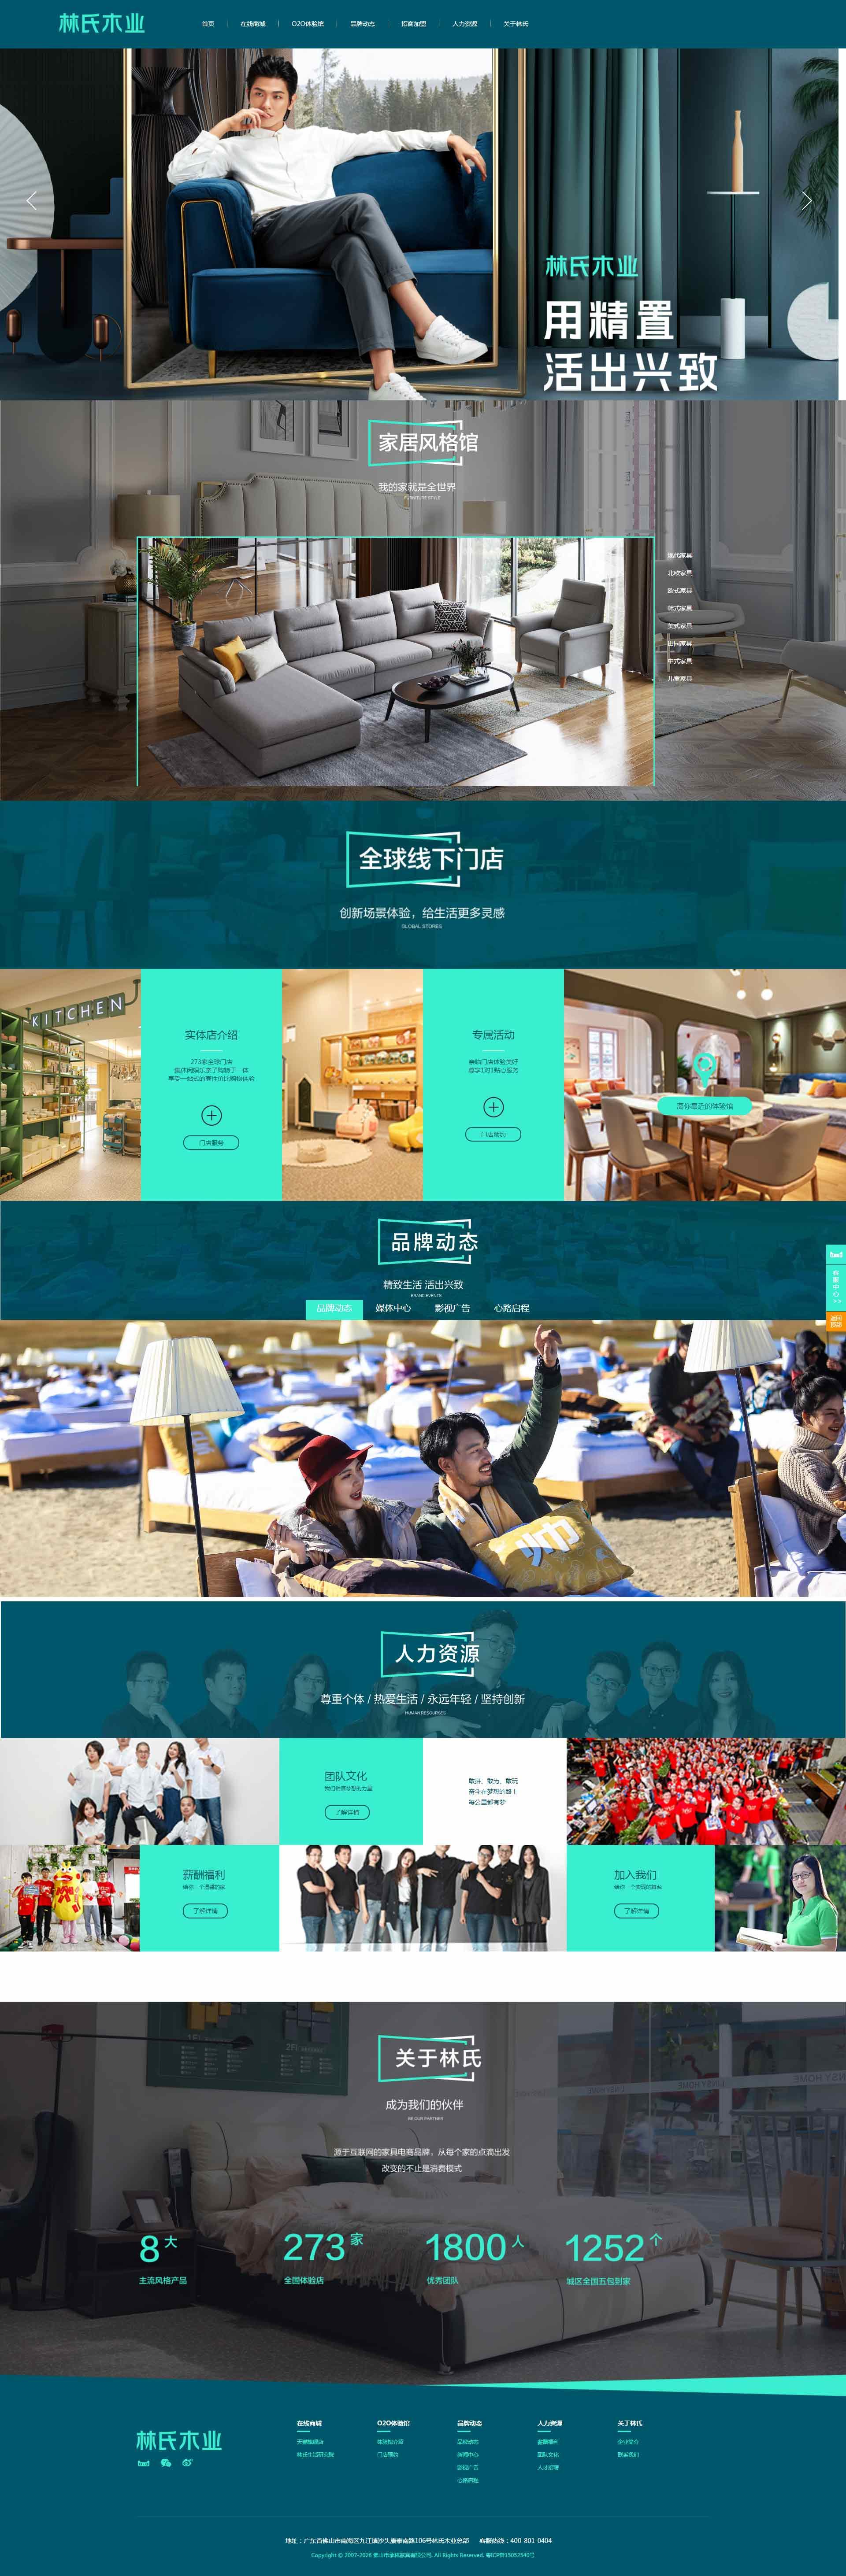 林氏木业-林氏木业官方网站---用精置,活出兴致.jpg